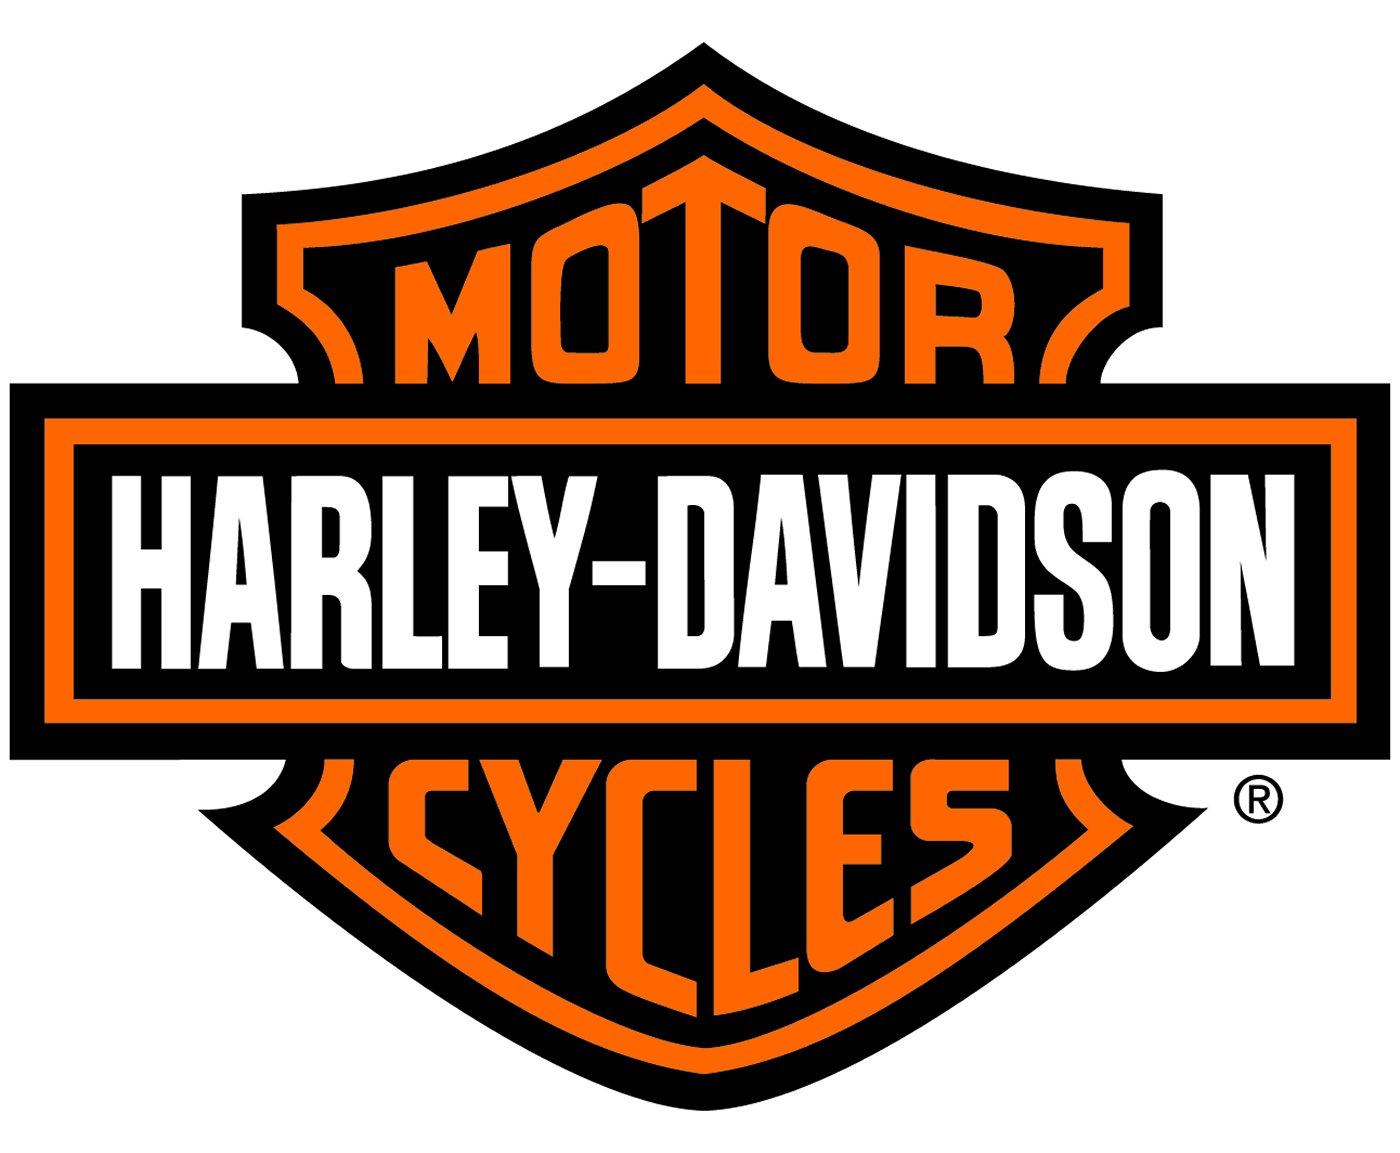 Harley_davidson_logo_20150407200352e4d.jpg